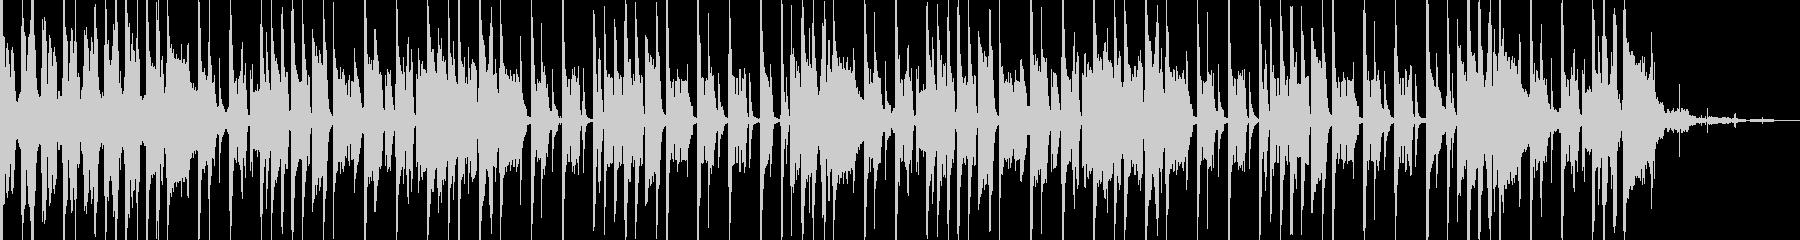 ファンファーレ+ヒップホップレゲエのんの未再生の波形